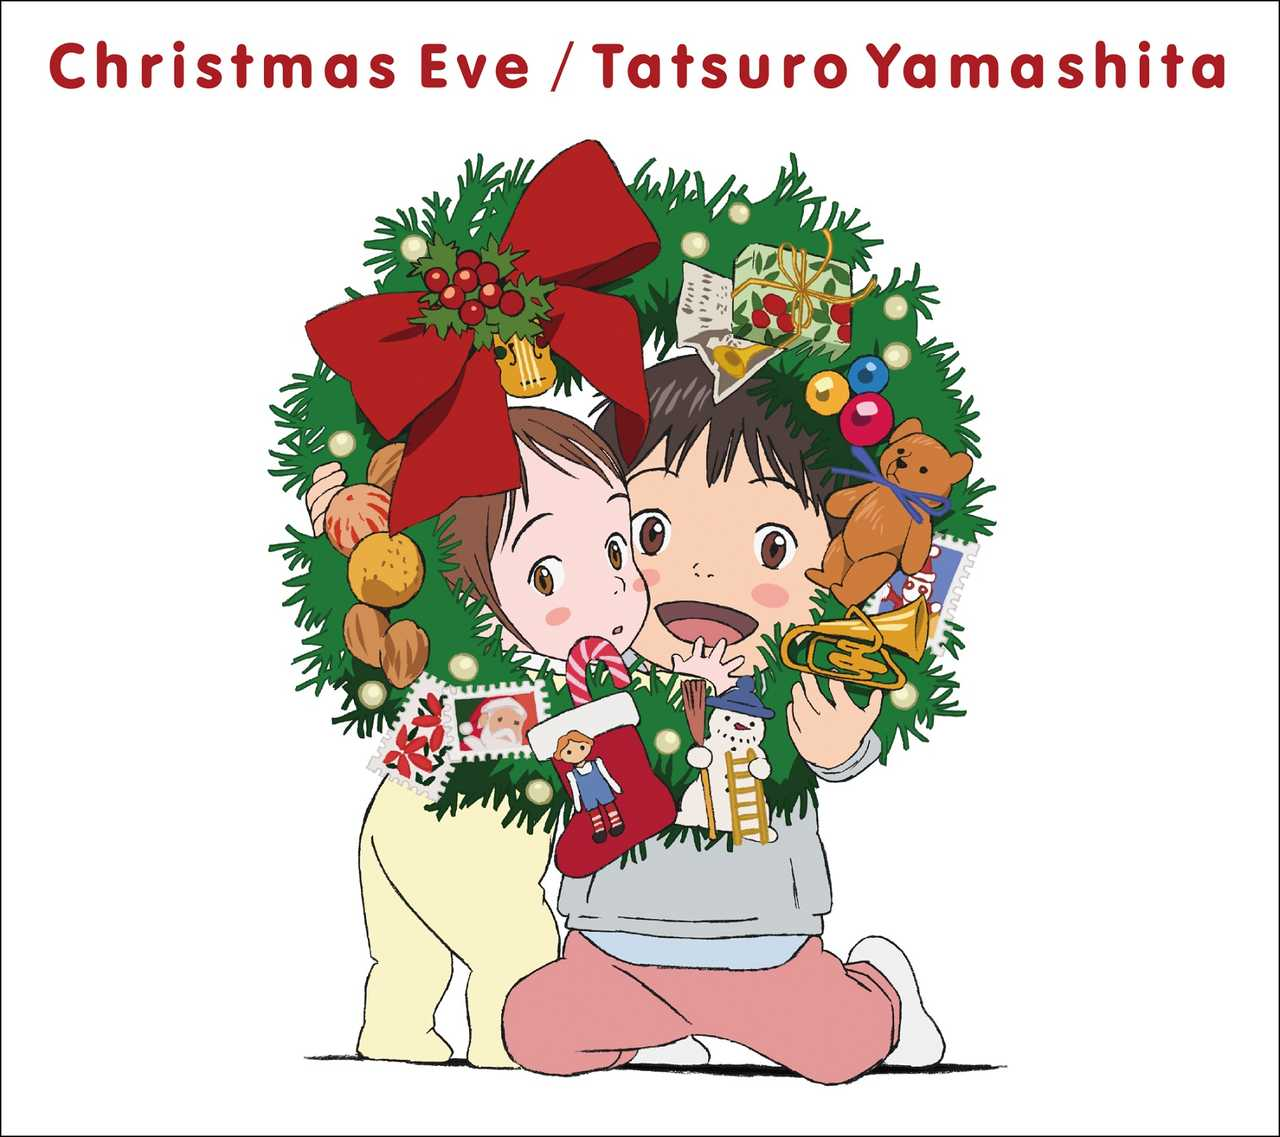 2018 クリスマス・スペシャル・パッケージ『クリスマス・イブ』